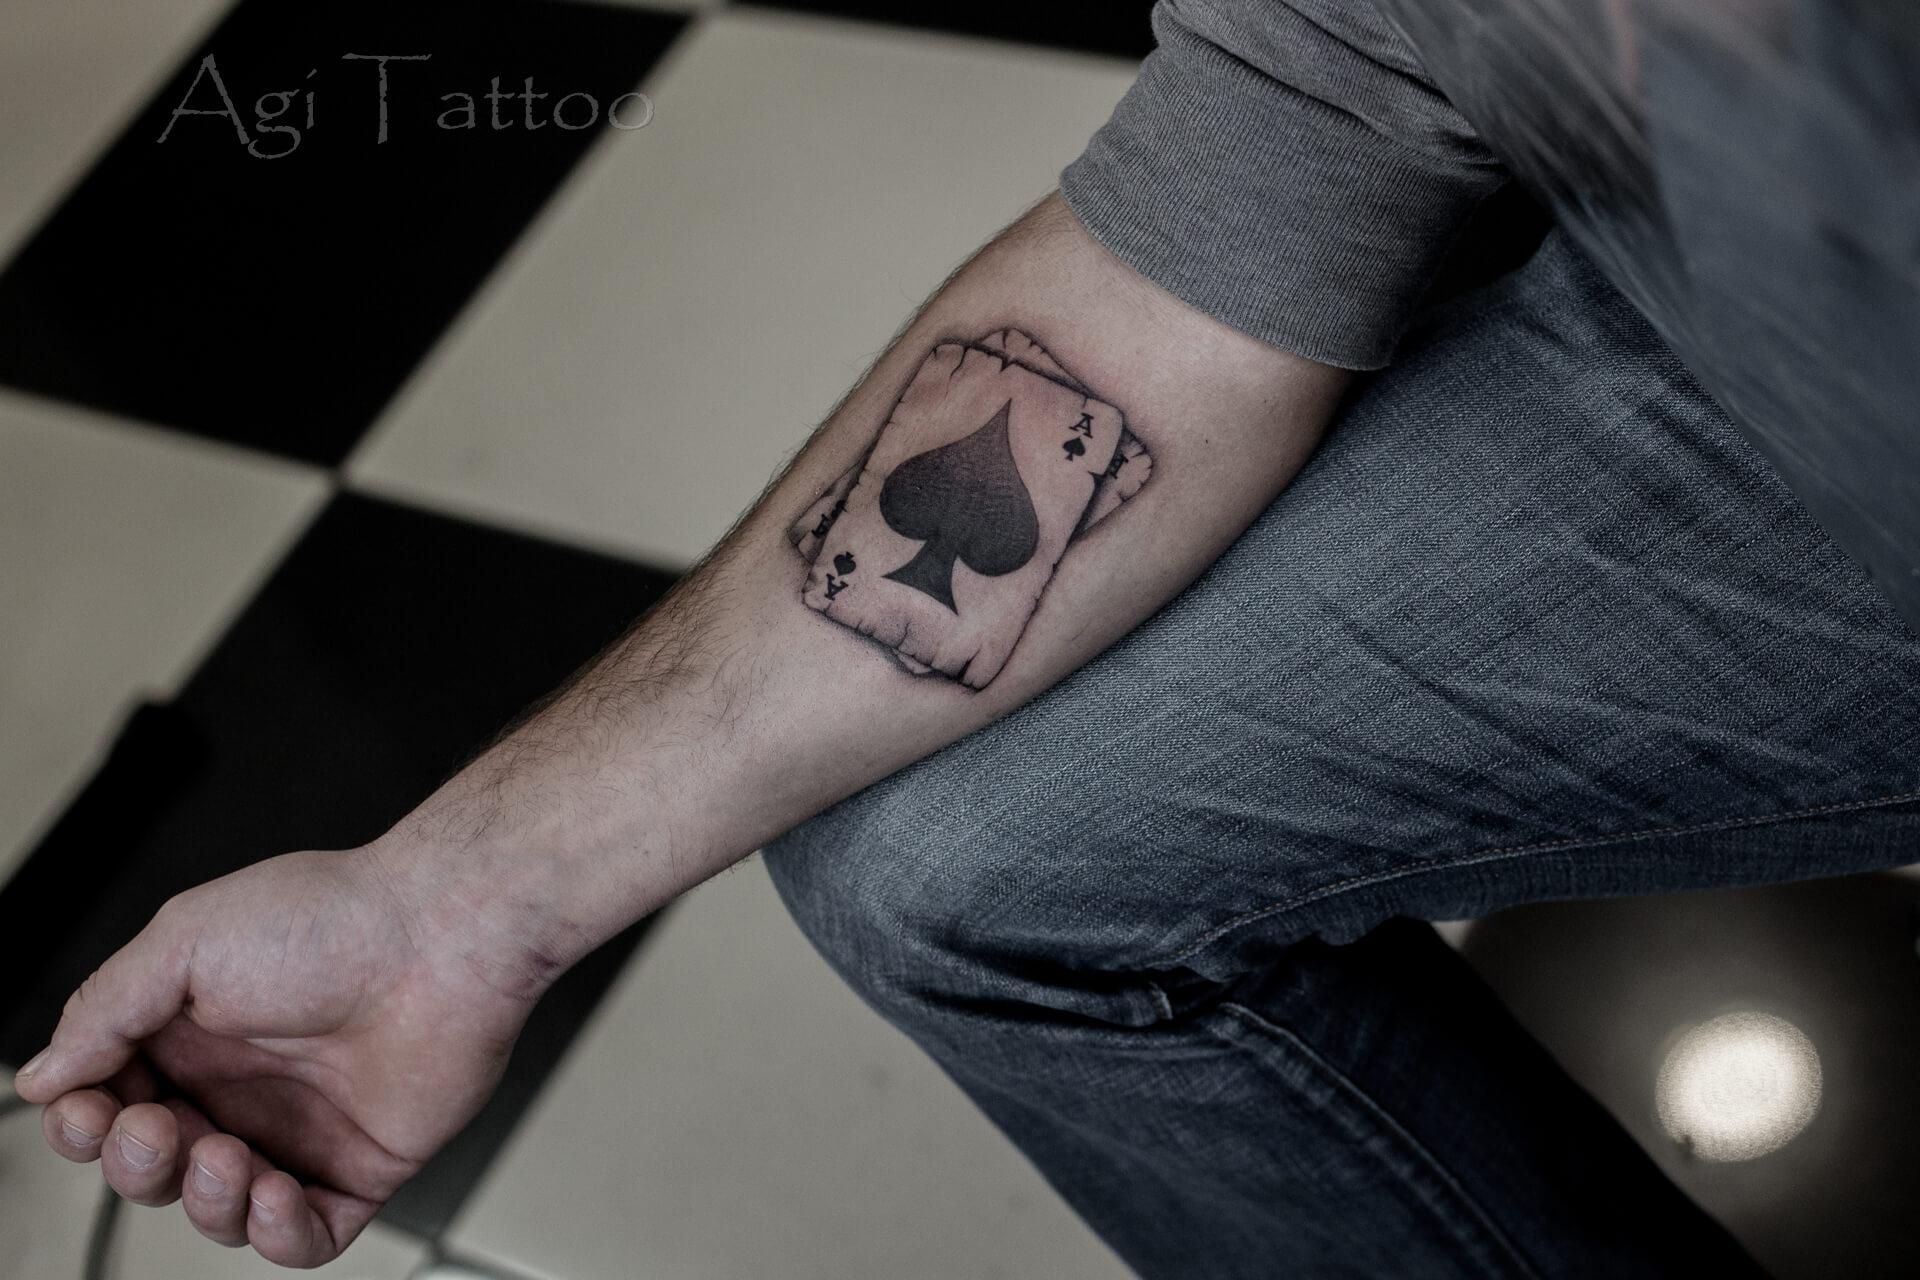 Agi Tattoo Studio Tatuażu Agnieszka łowińska